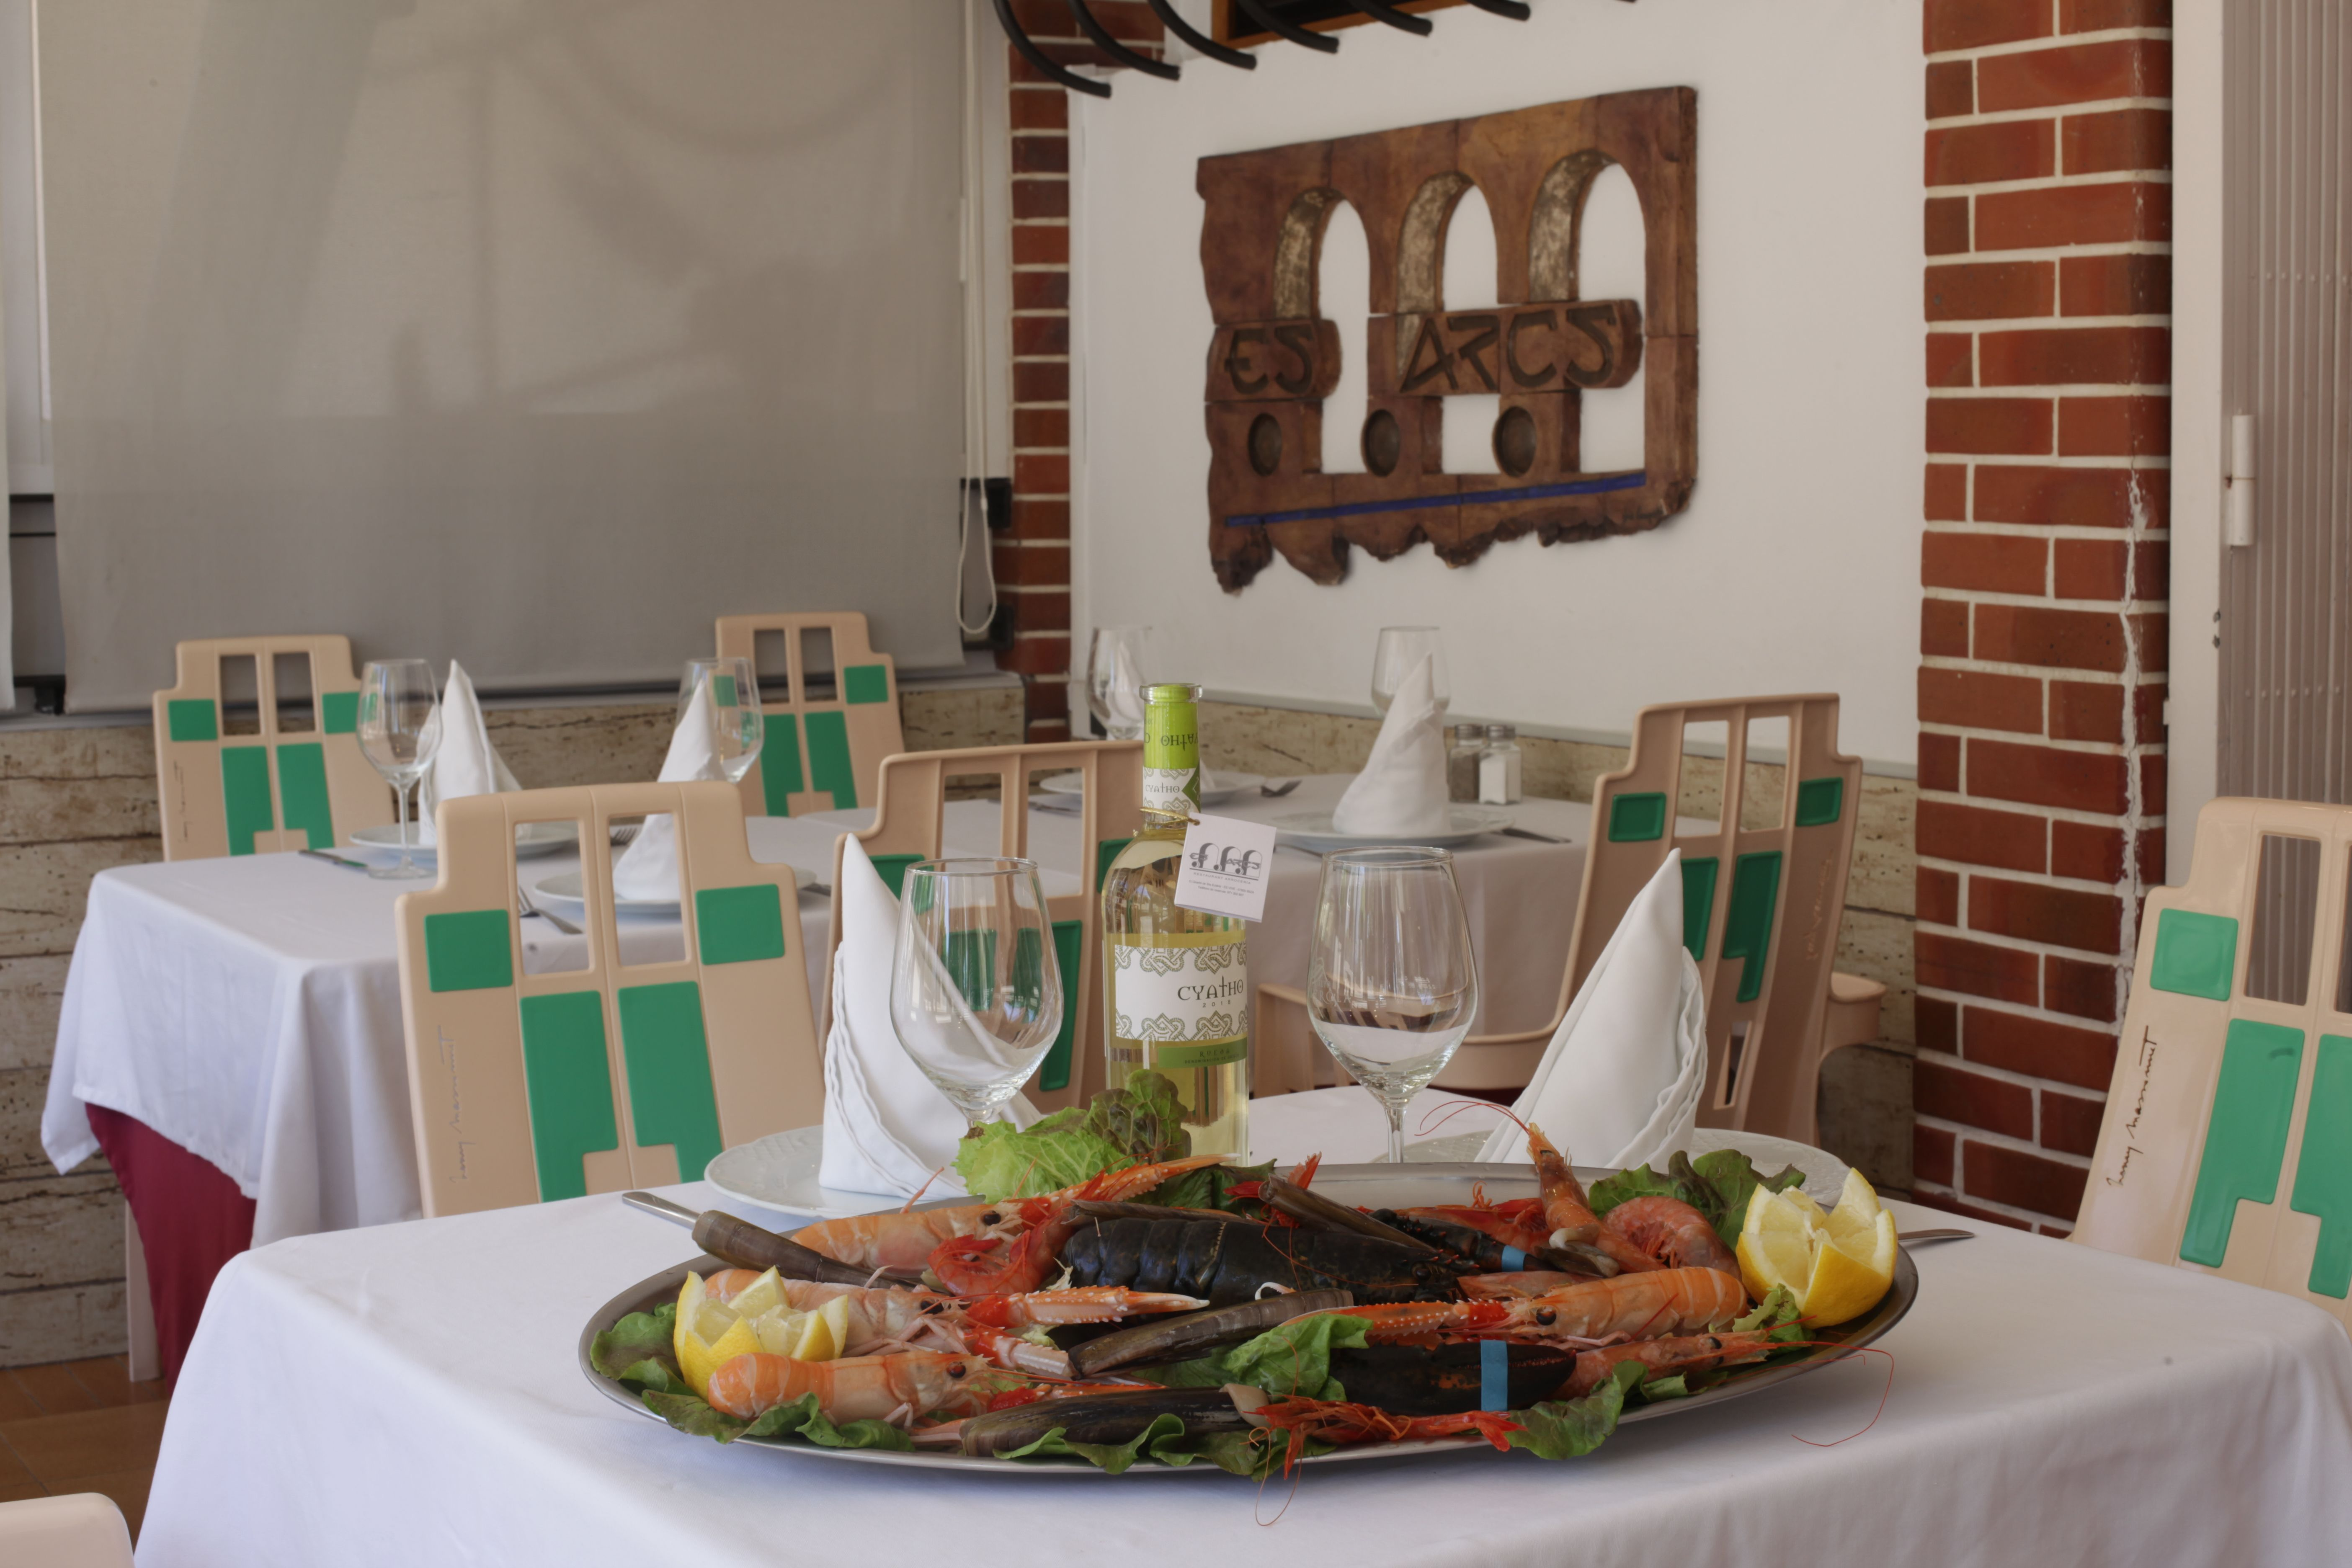 Foto 4 de Restaurante arrocería en    Restaurante Arrocería Es Arcs